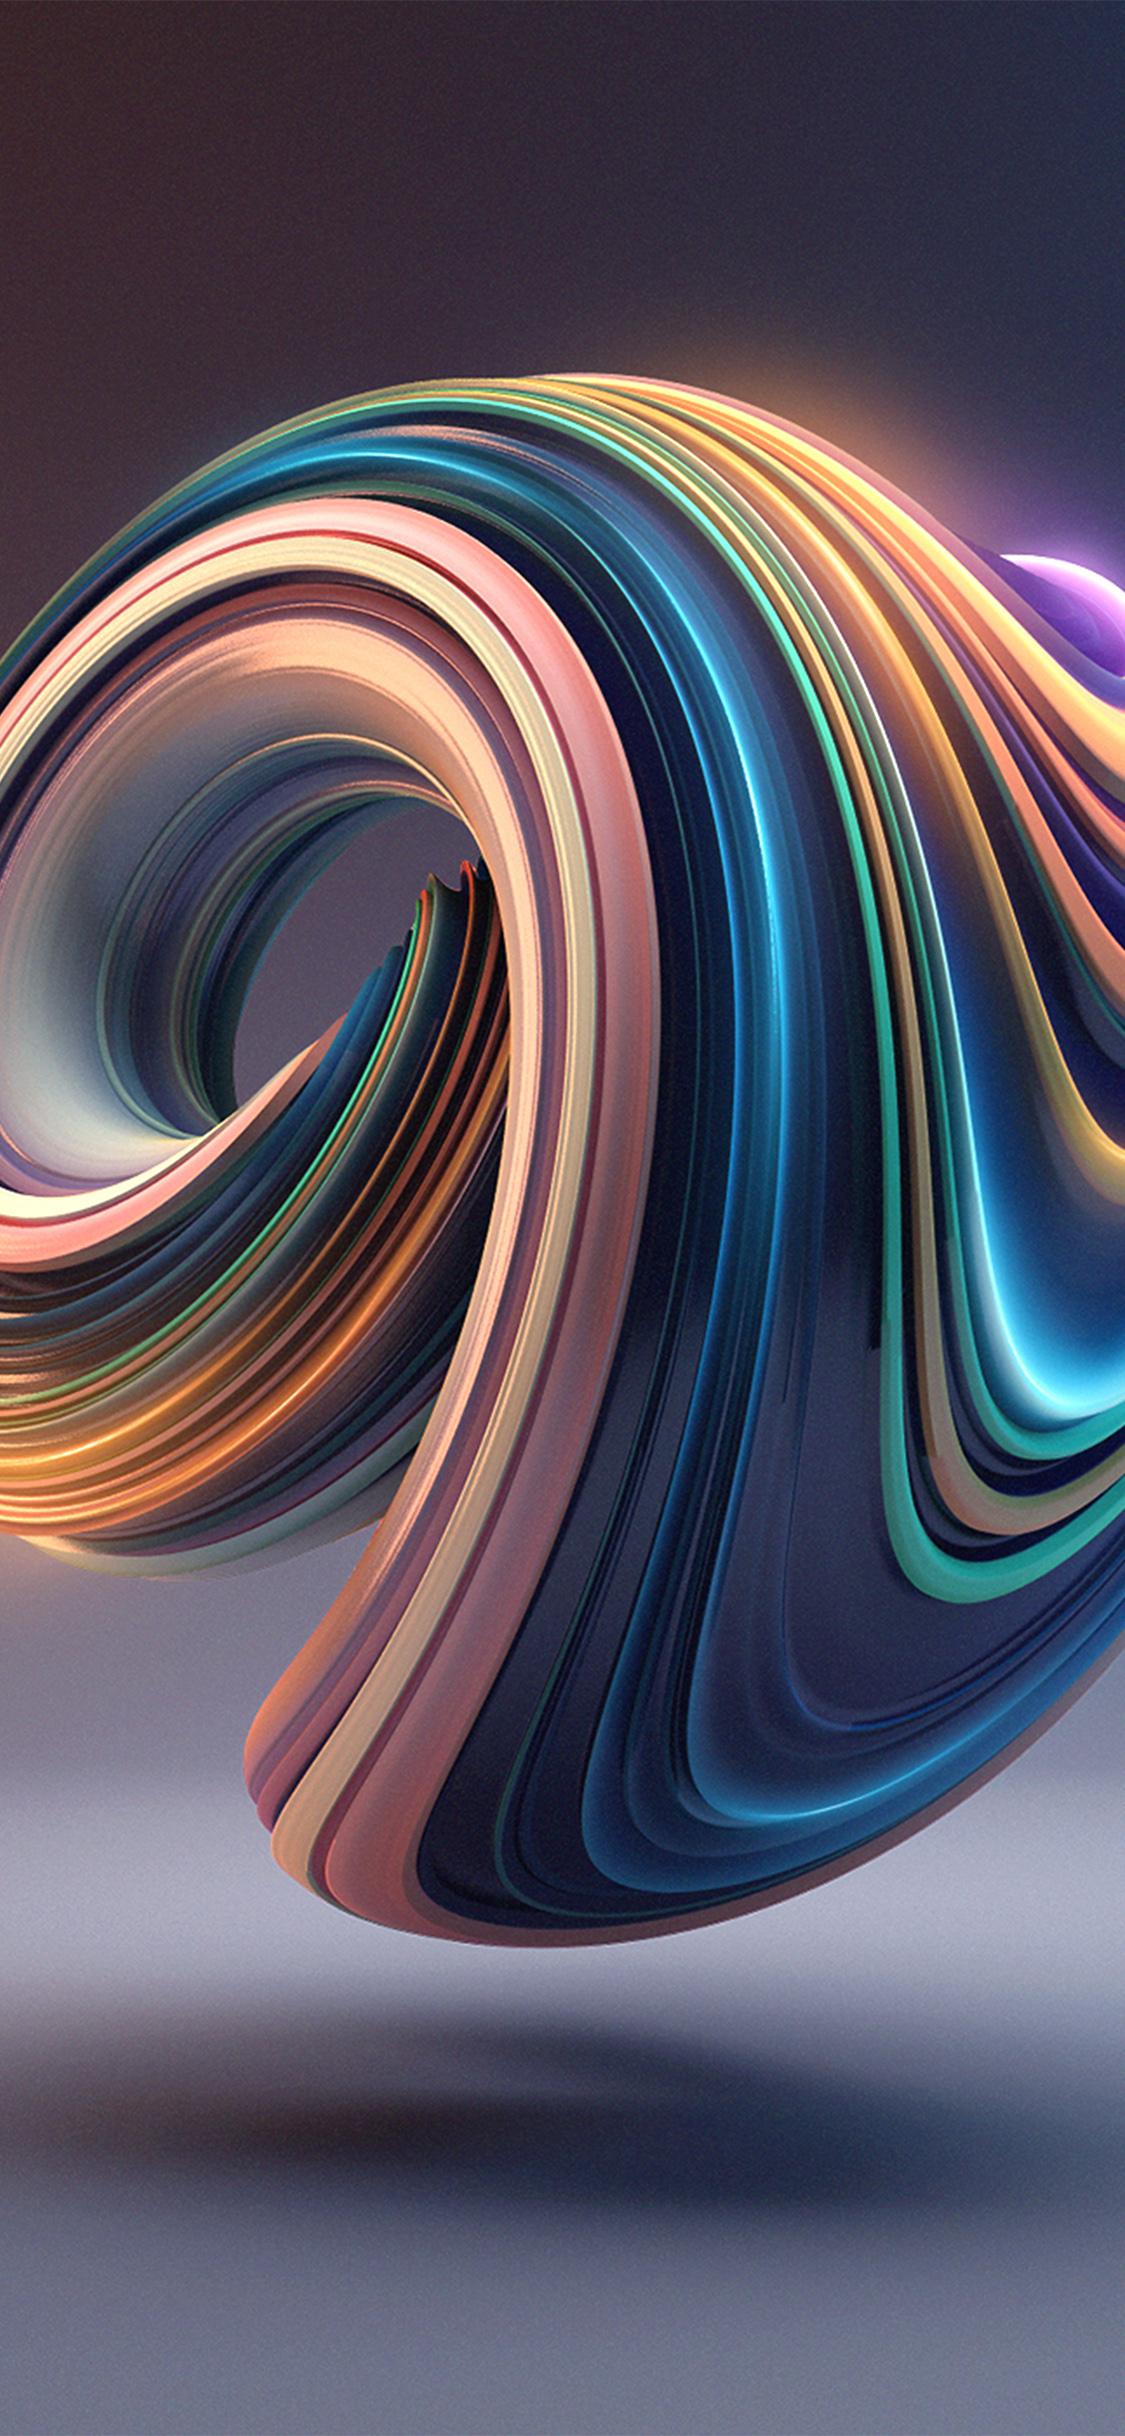 3d Wallpaper For Macbook Pro 13 Bb01 Digital Art Color Circle Illustration Art 3d Wallpaper